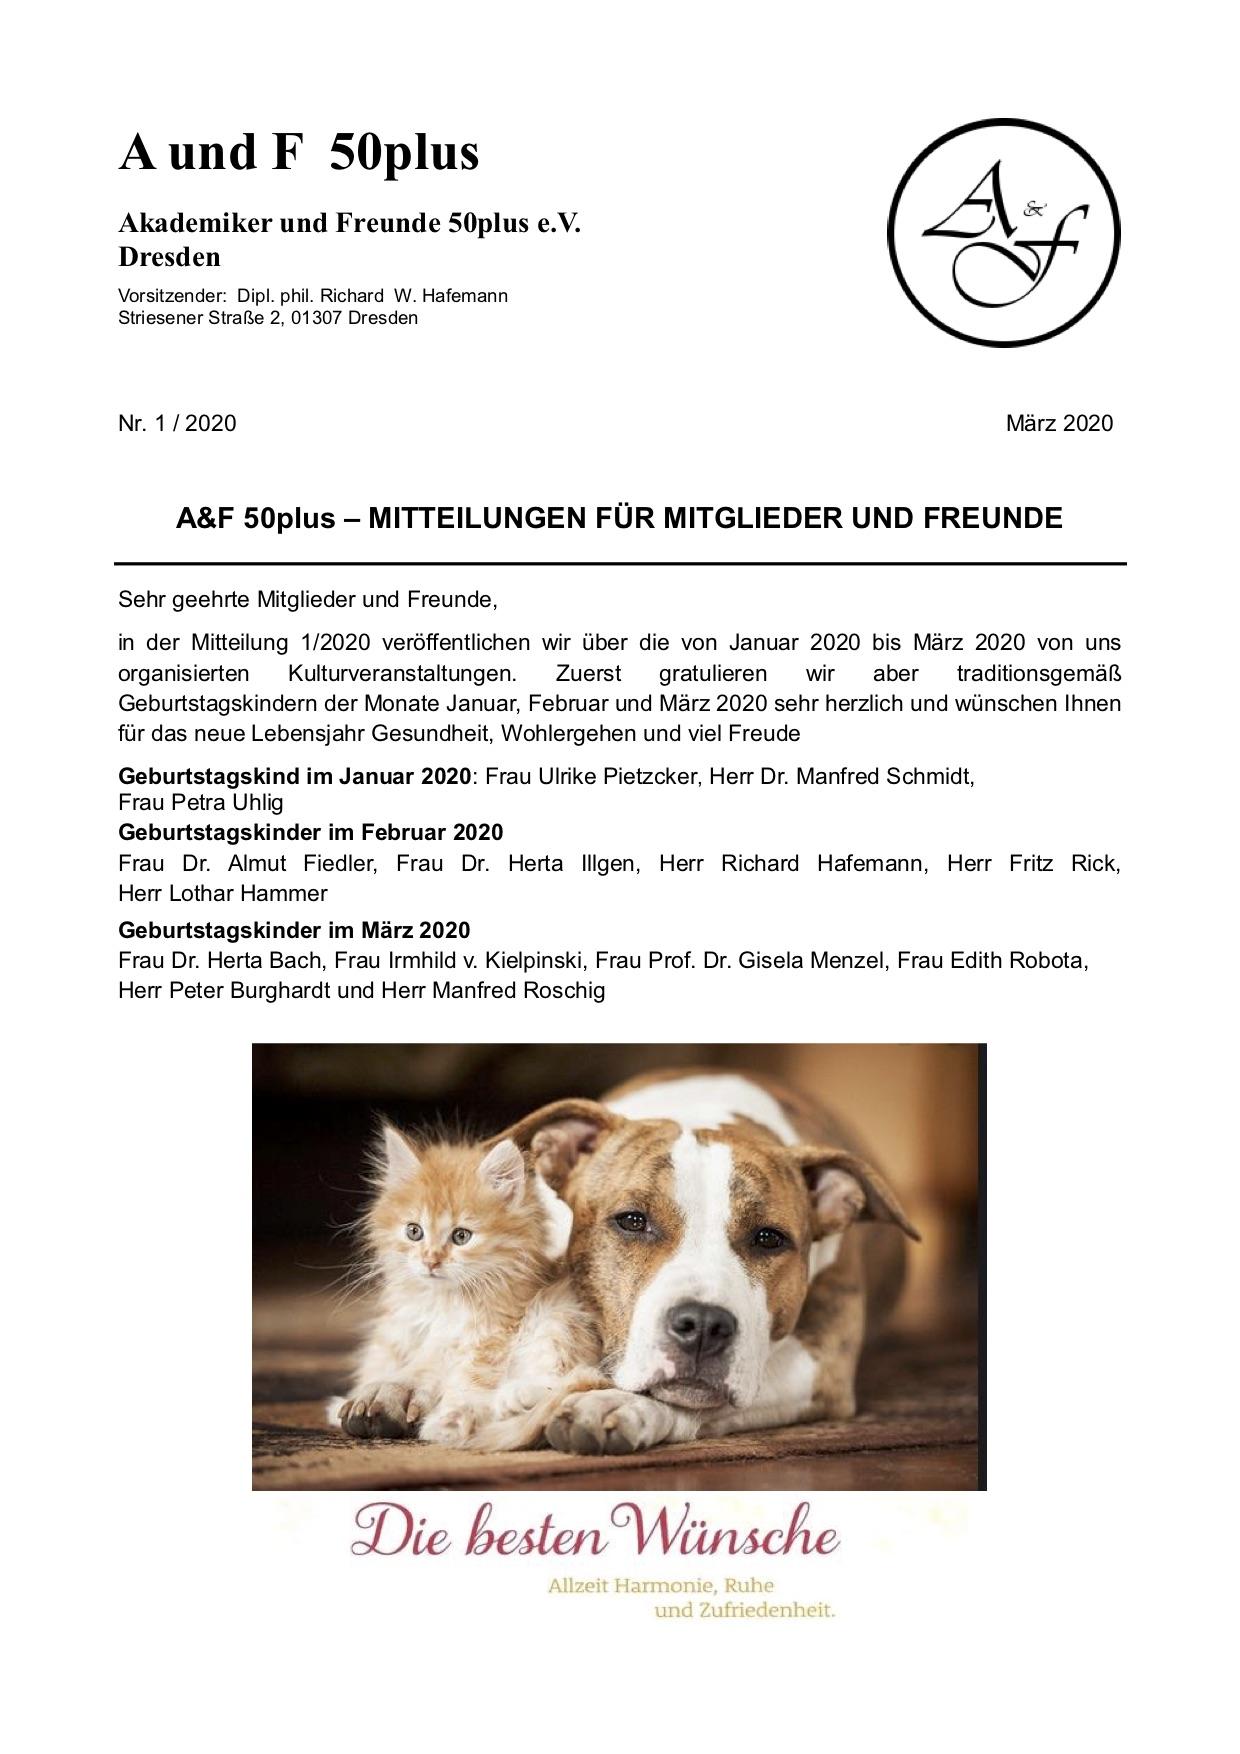 A&F-Mitteilung 1-2020